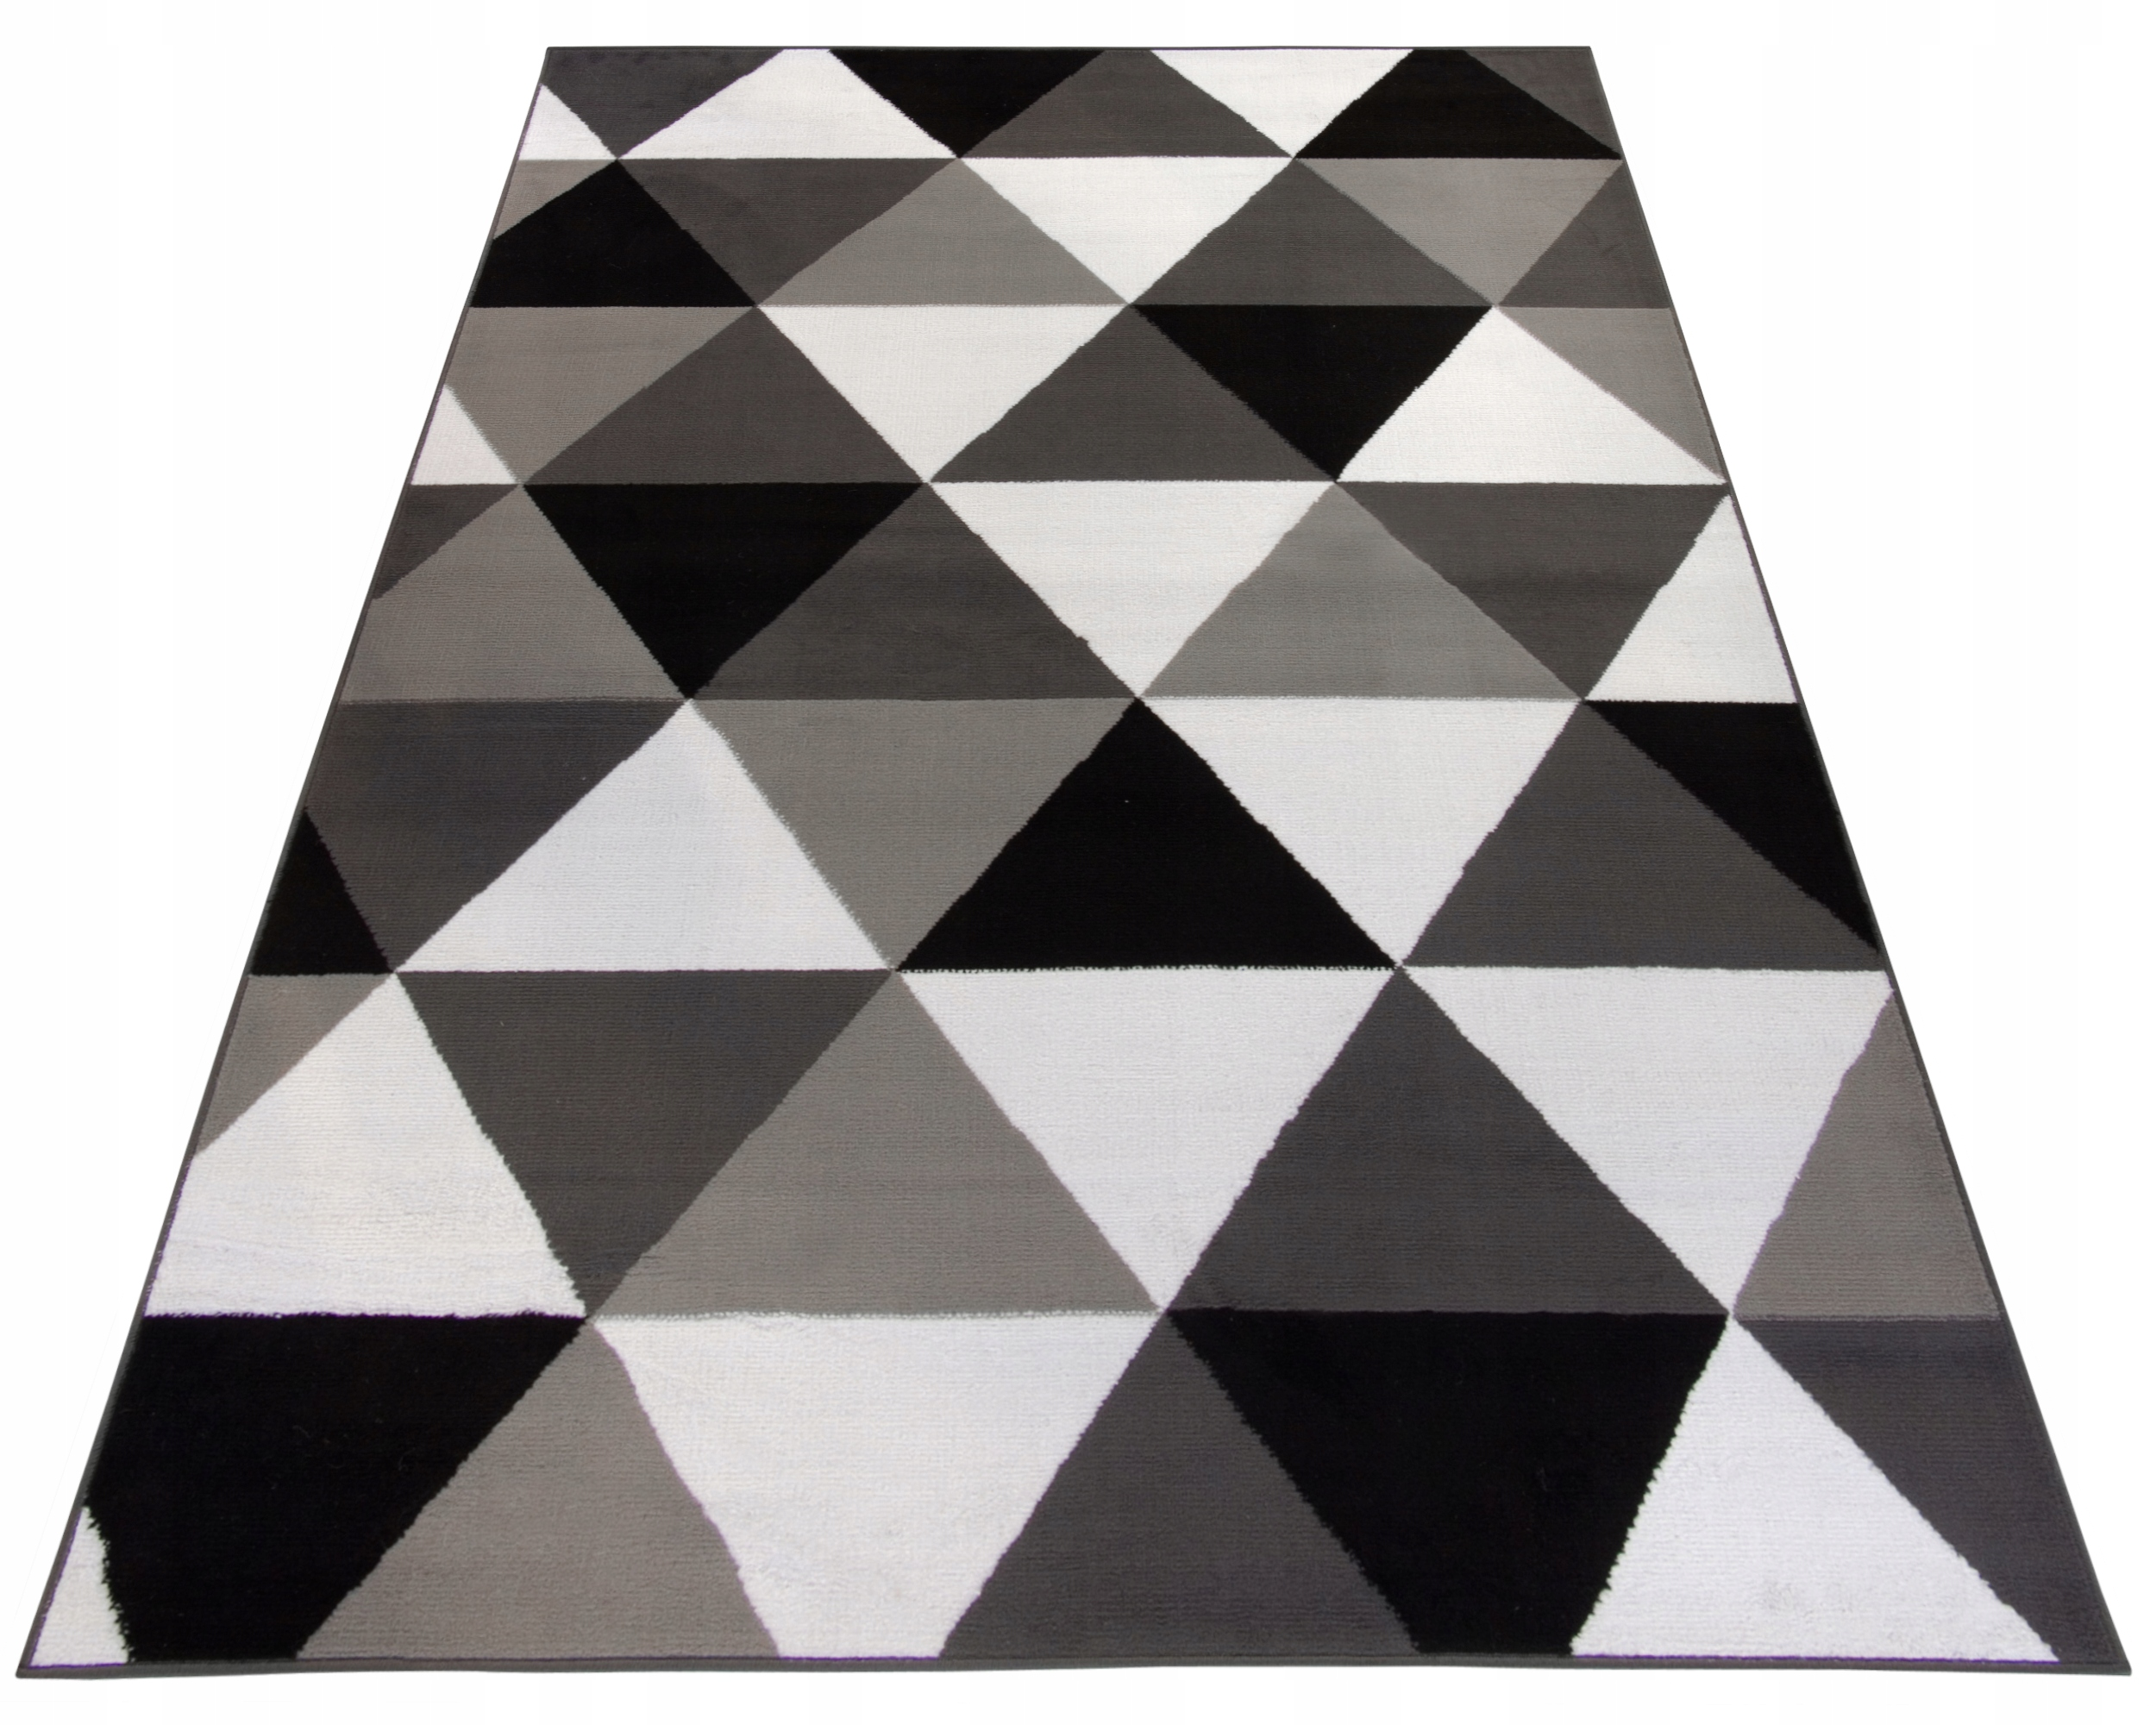 Ciekawy dywan 200x290 geomatryczny wzór modny 8mm 8608991311